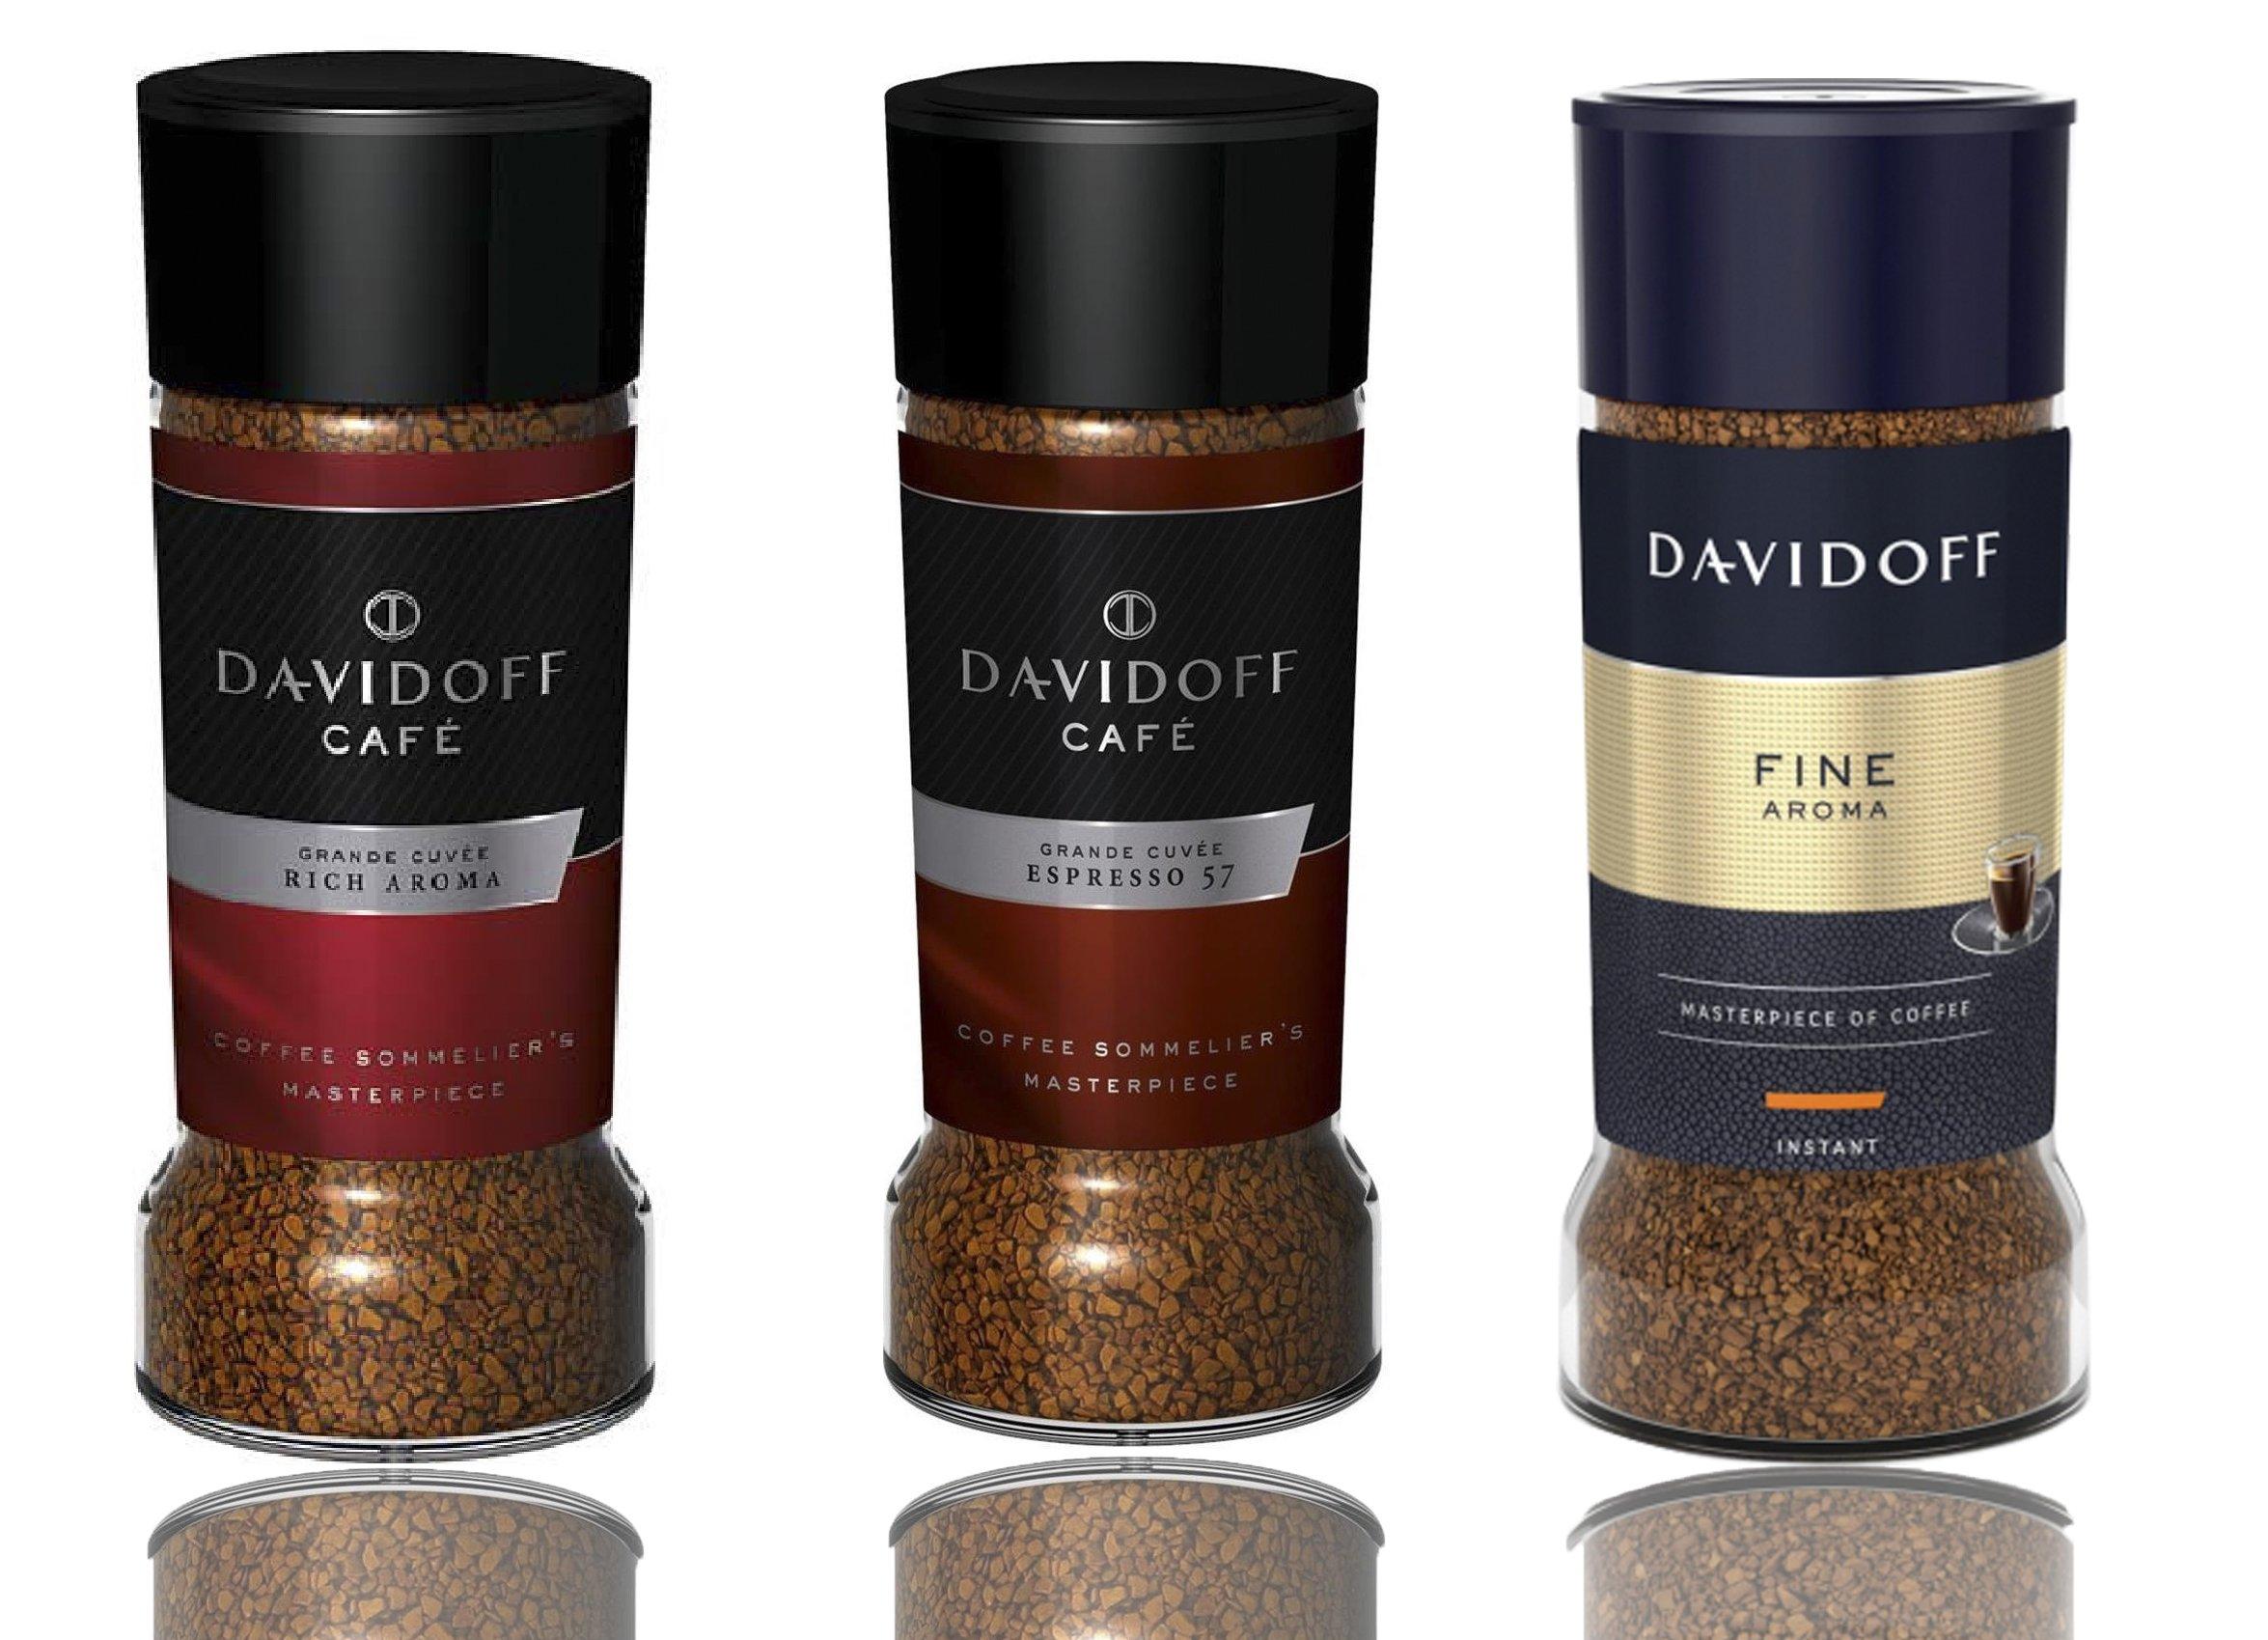 طريقة قهوة دافيدوف Davidoff Coffee المرسال